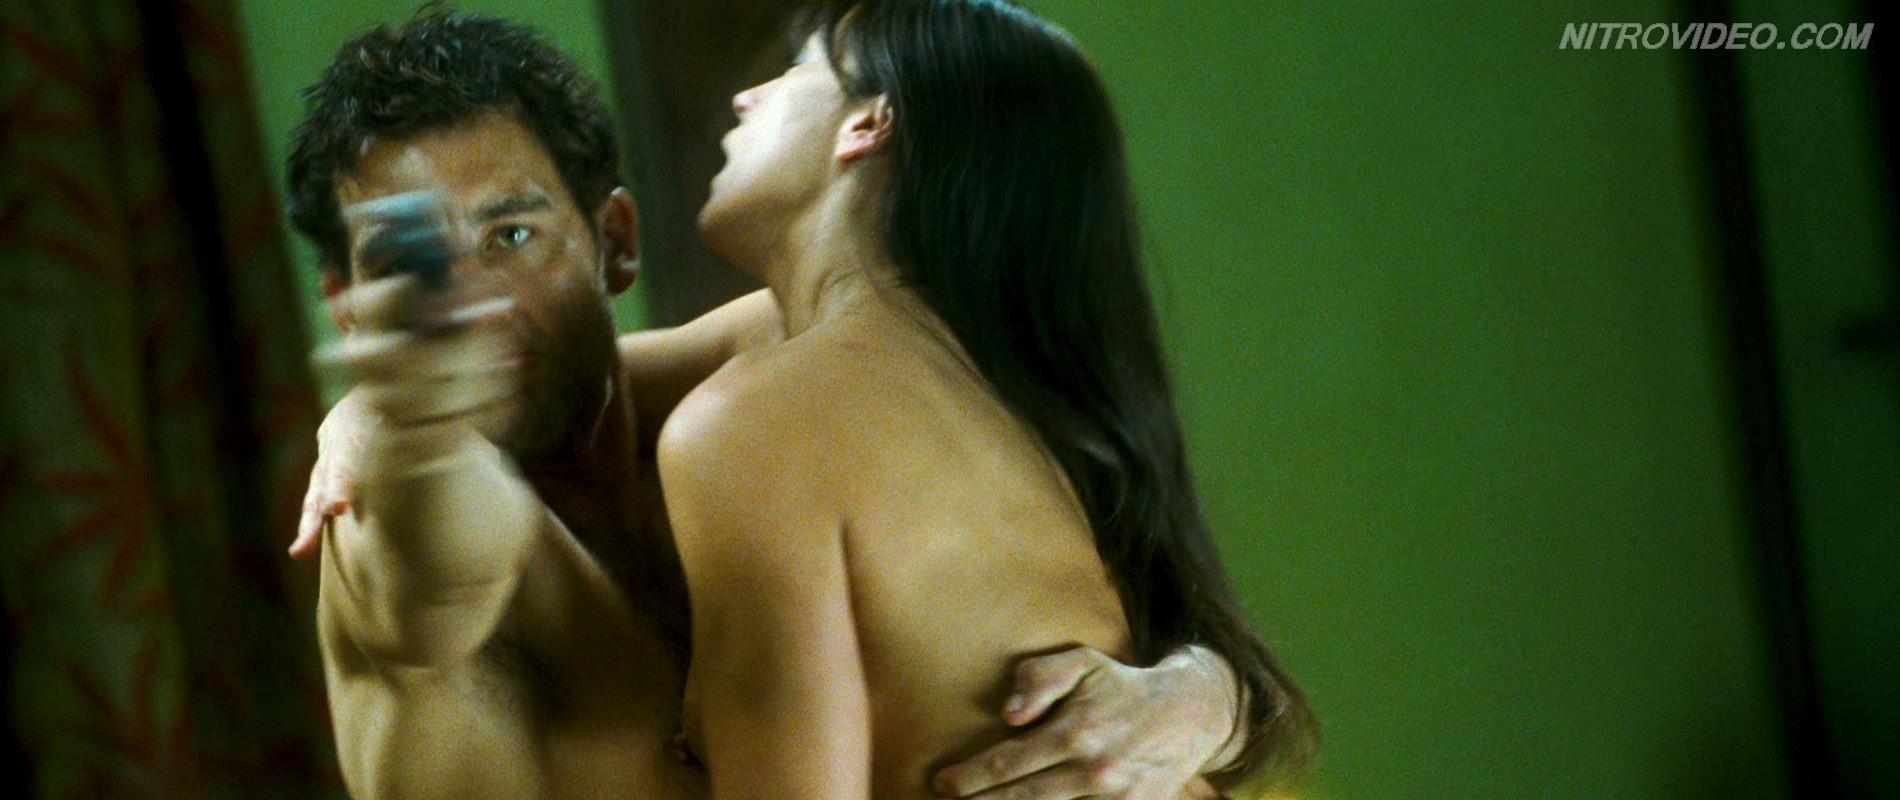 можно моника беллуччи фильмы с сексом всему